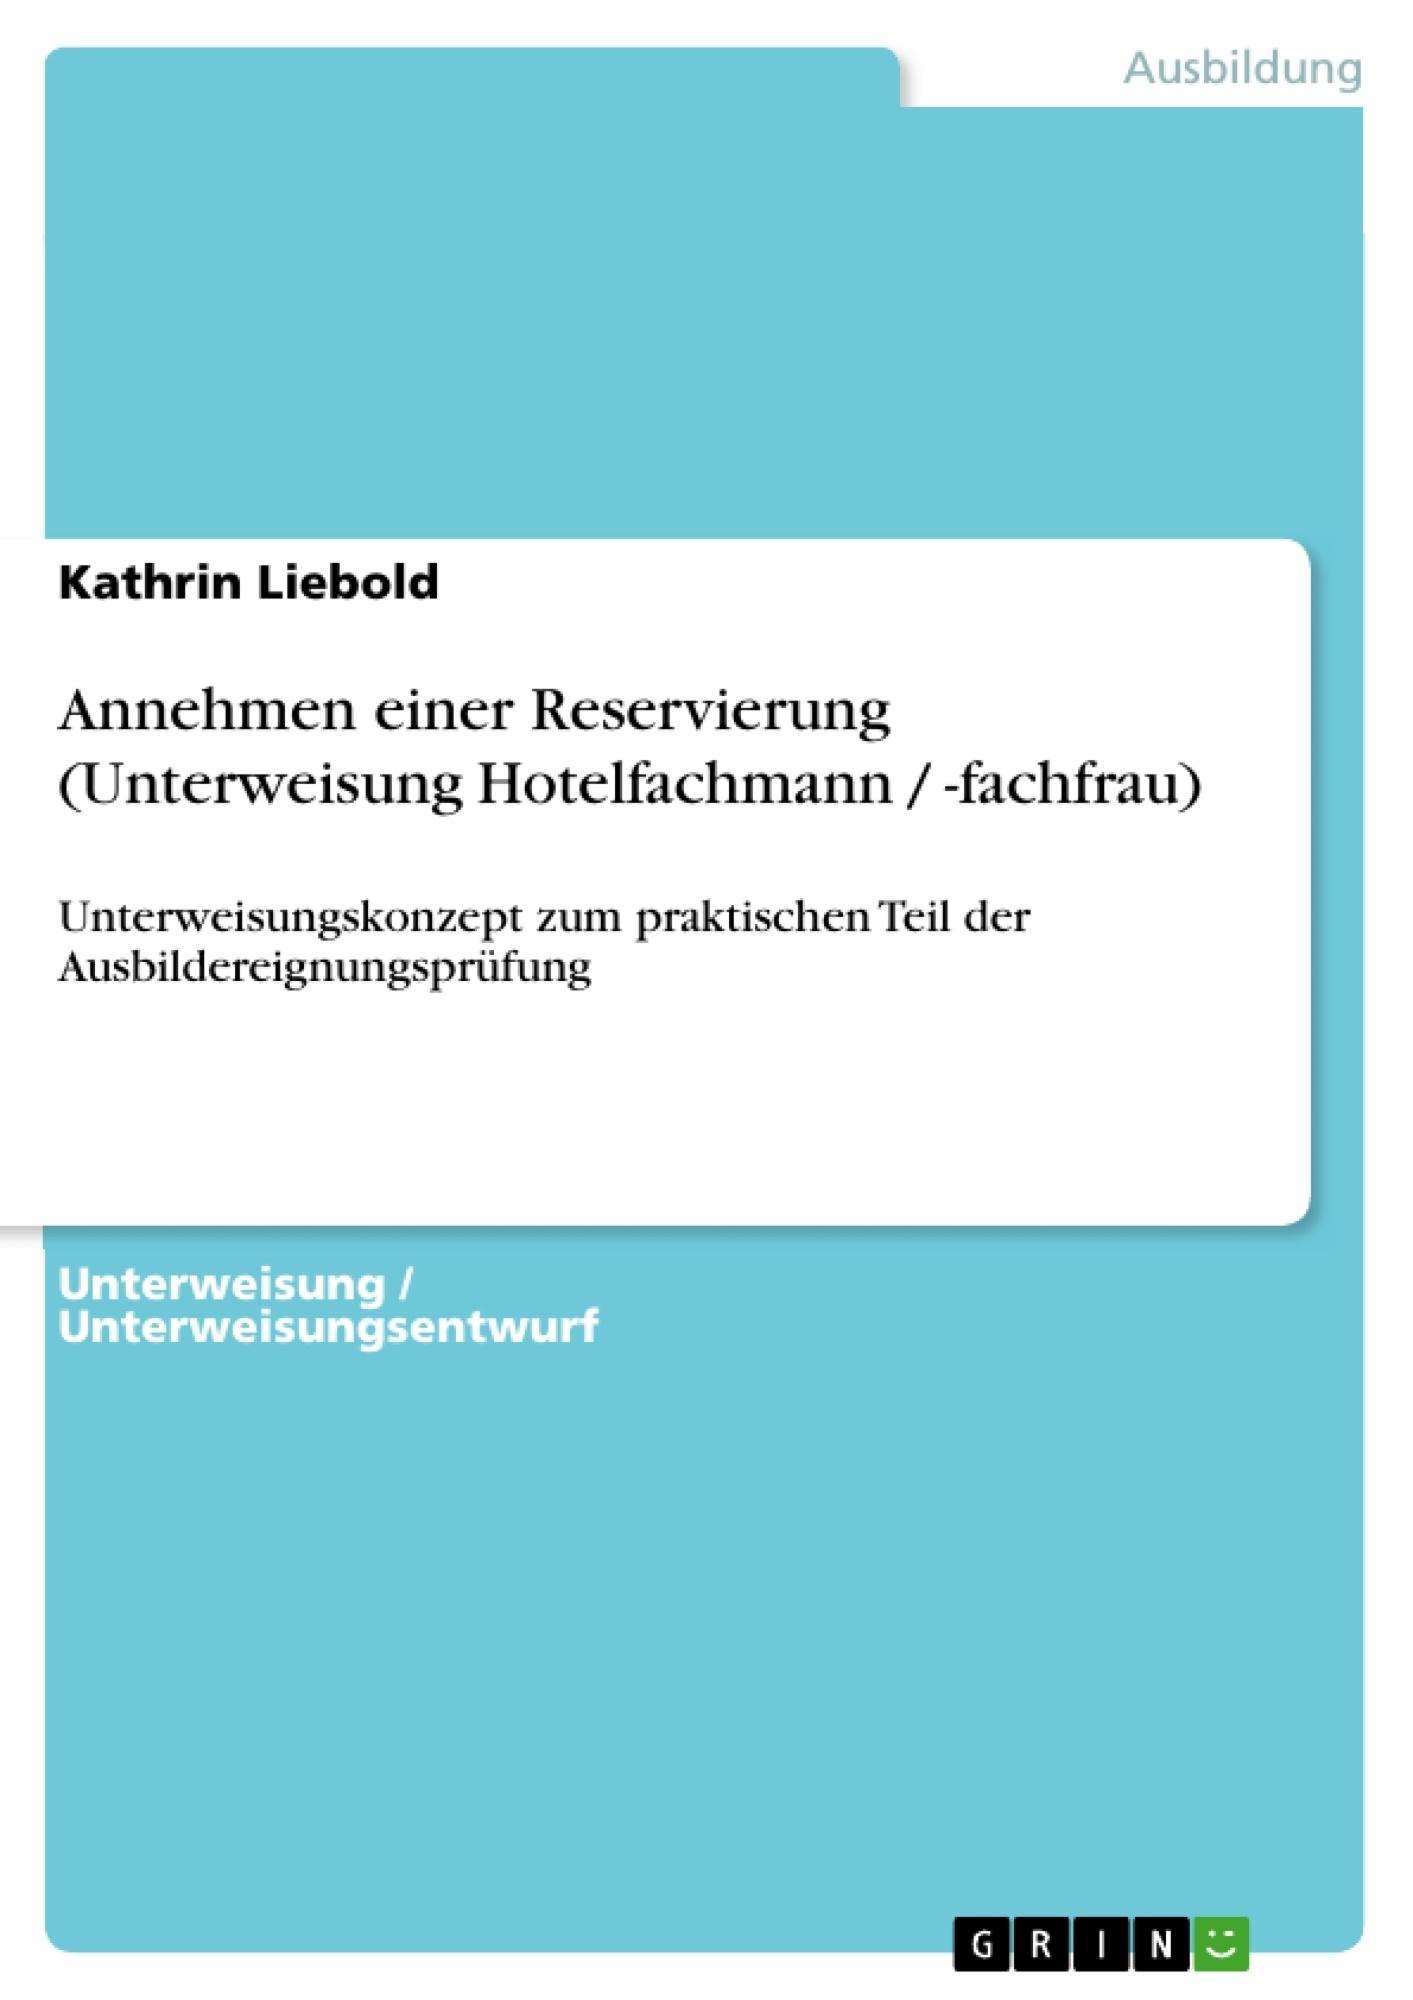 Titel: Annehmen einer Reservierung (Unterweisung Hotelfachmann / -fachfrau)